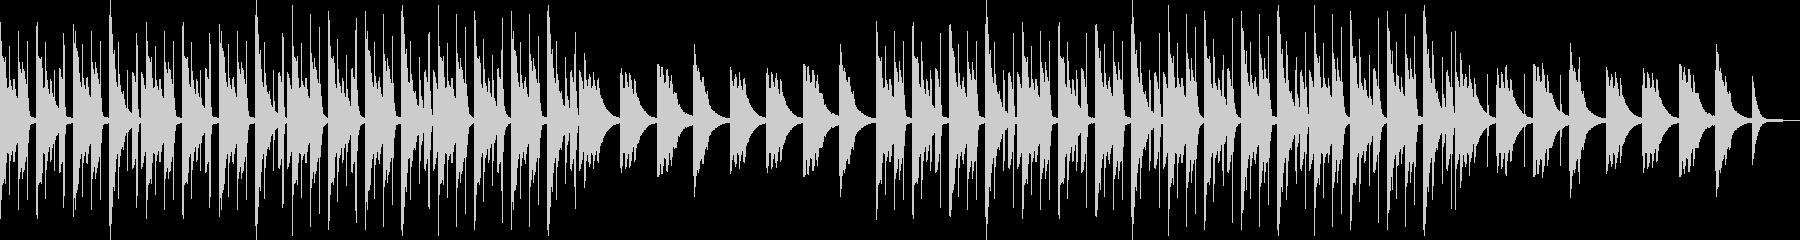 穏やかリラックス・チルアウトヒップホップの未再生の波形